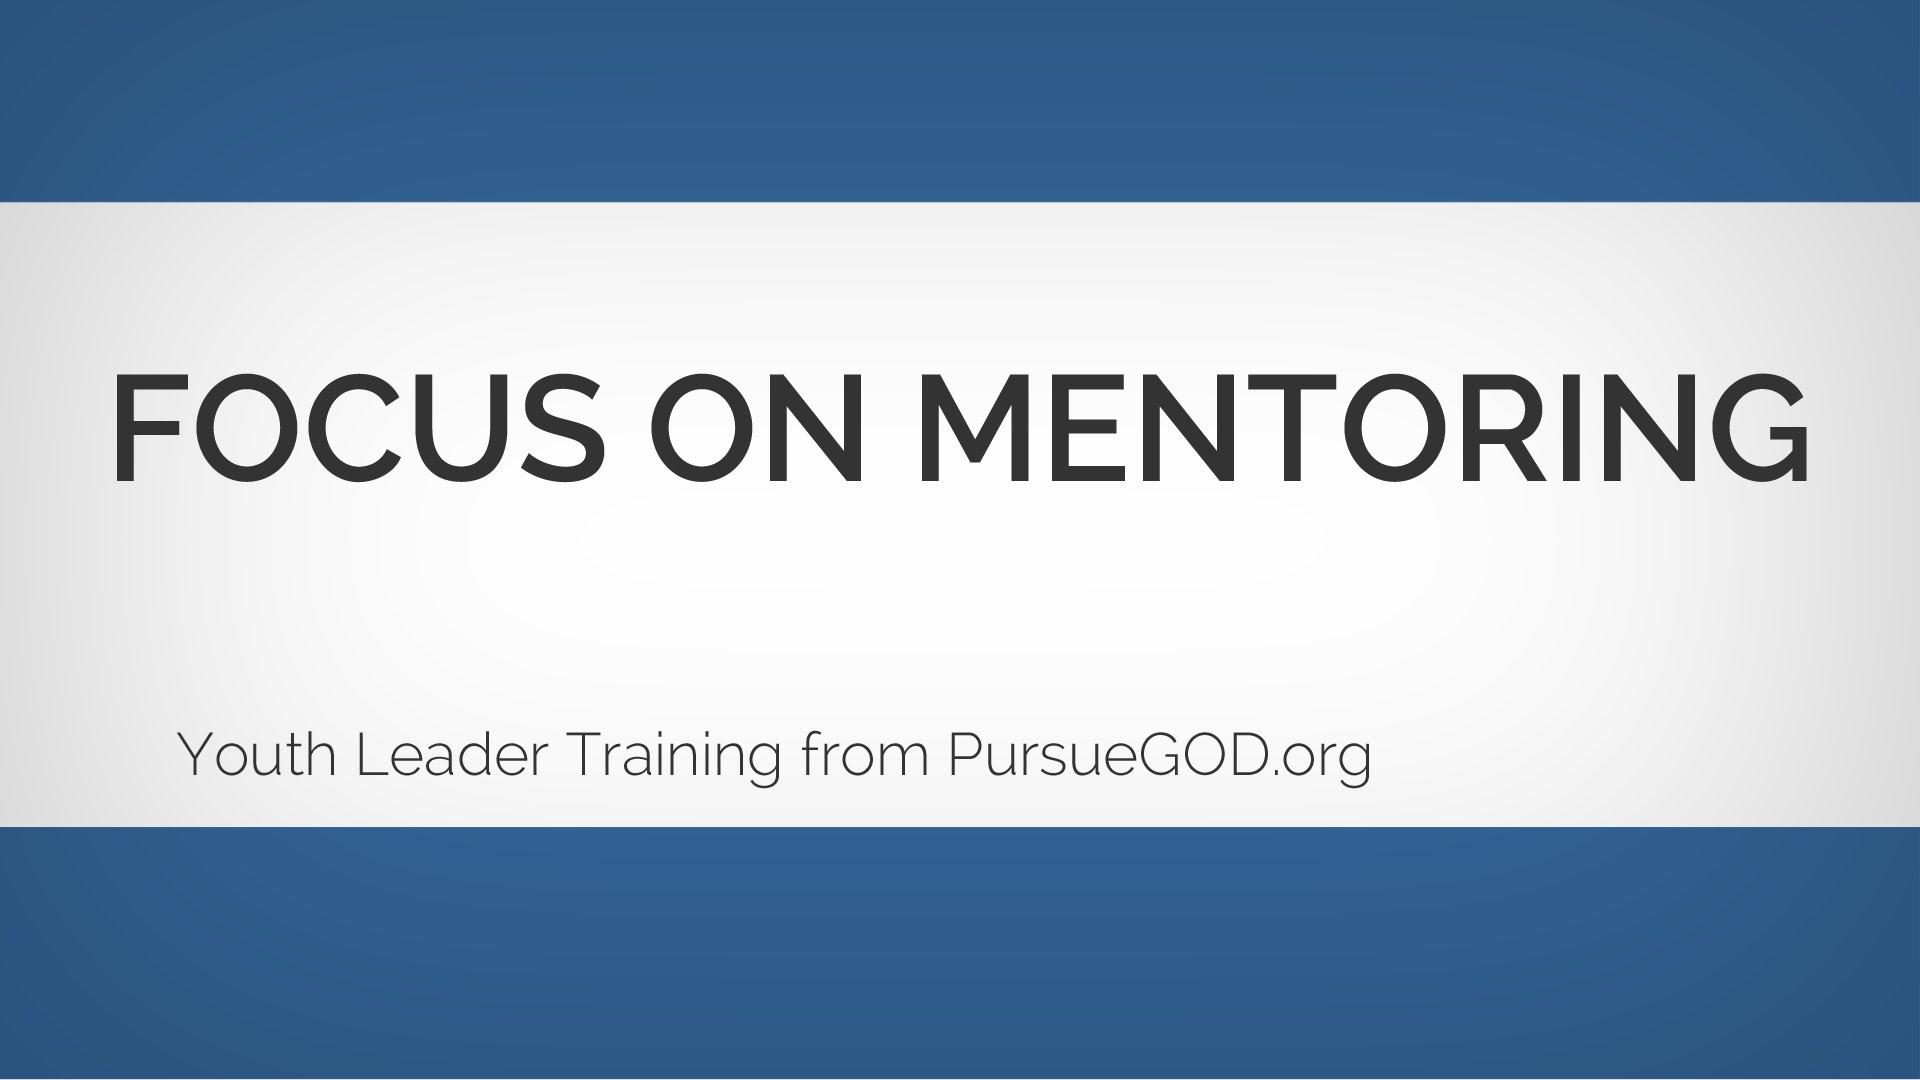 青少年リーダー養成:メンターリングに焦点を当てる